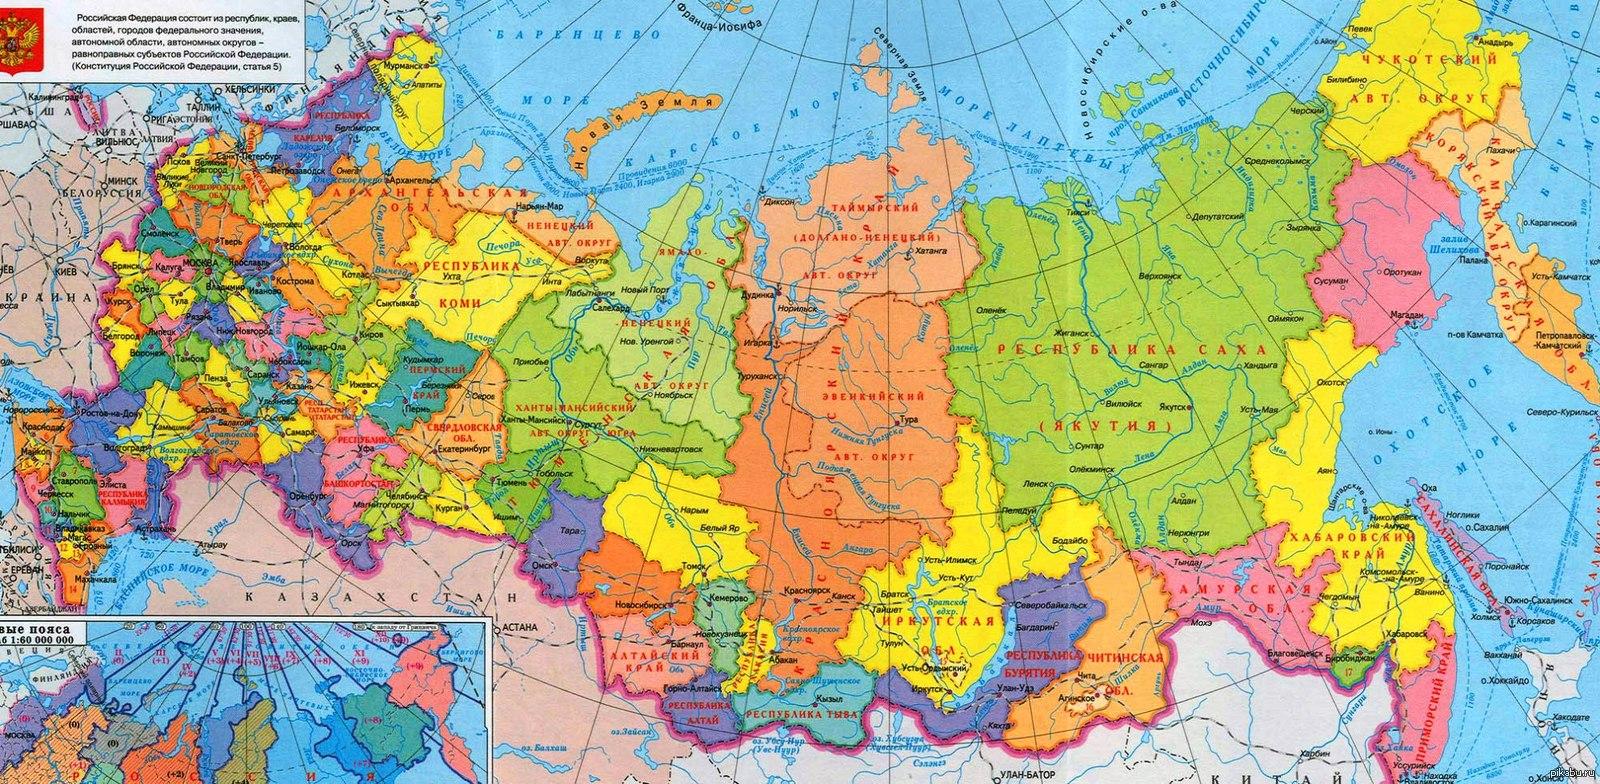 области в российской федерации вот сегодня крайней